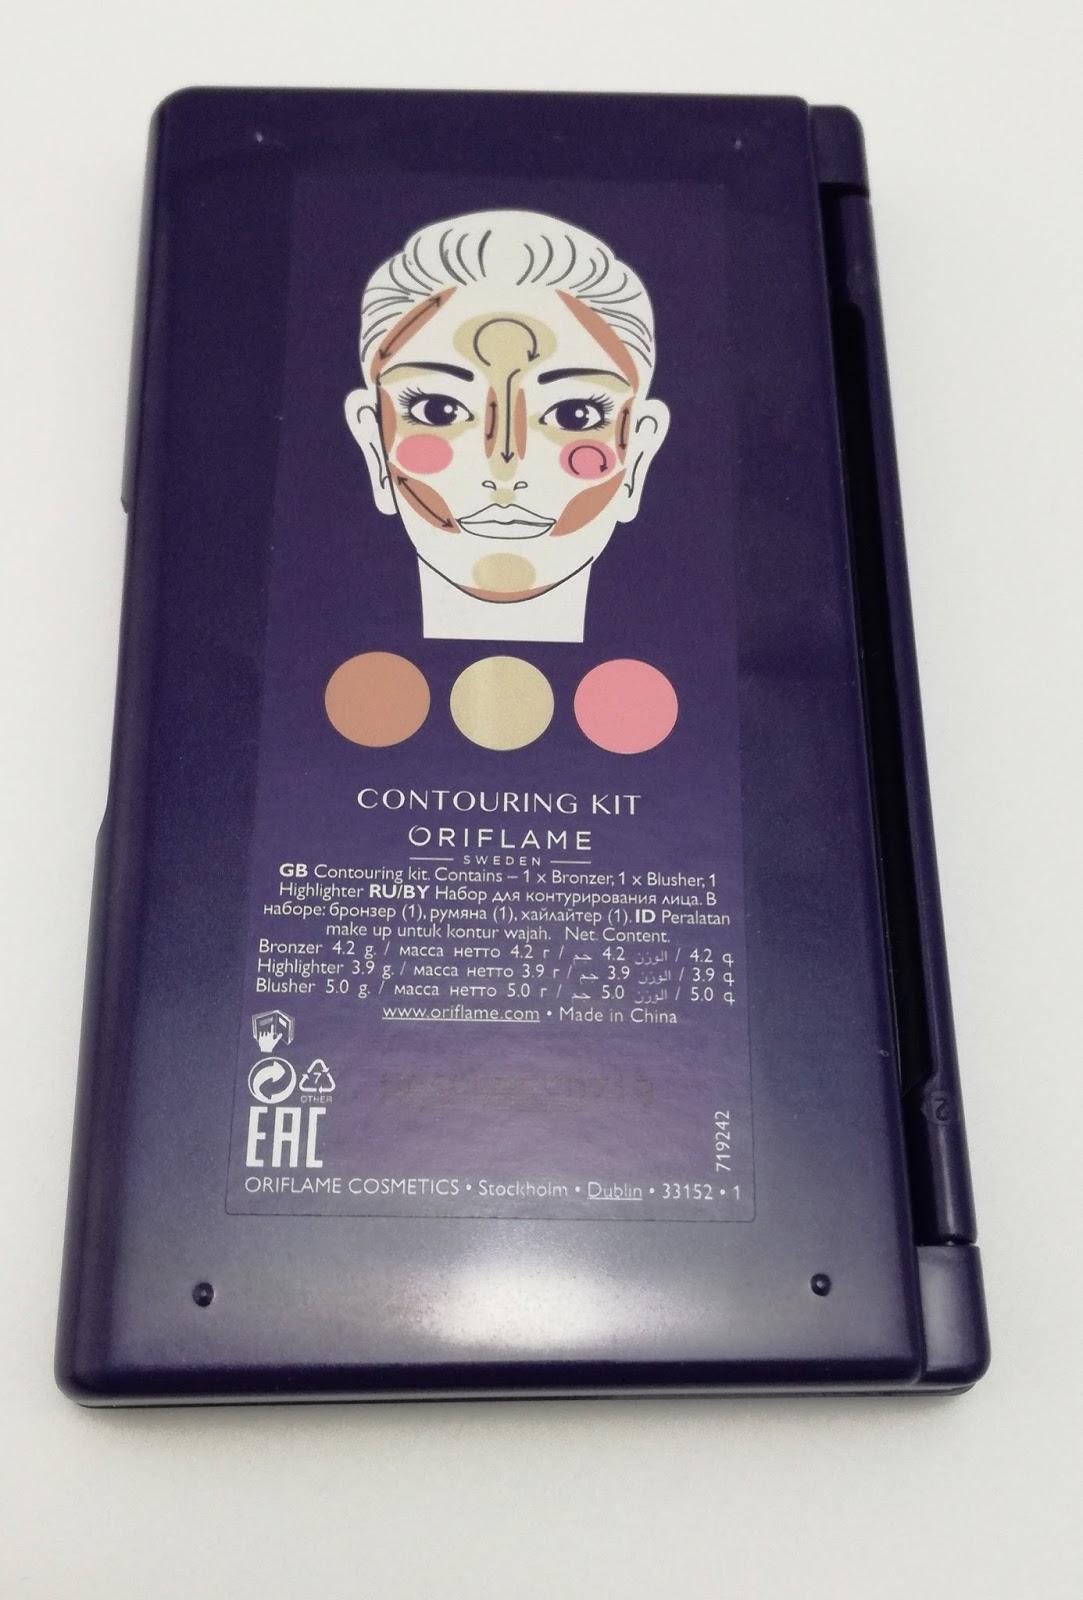 Oriflame-contouring-kit